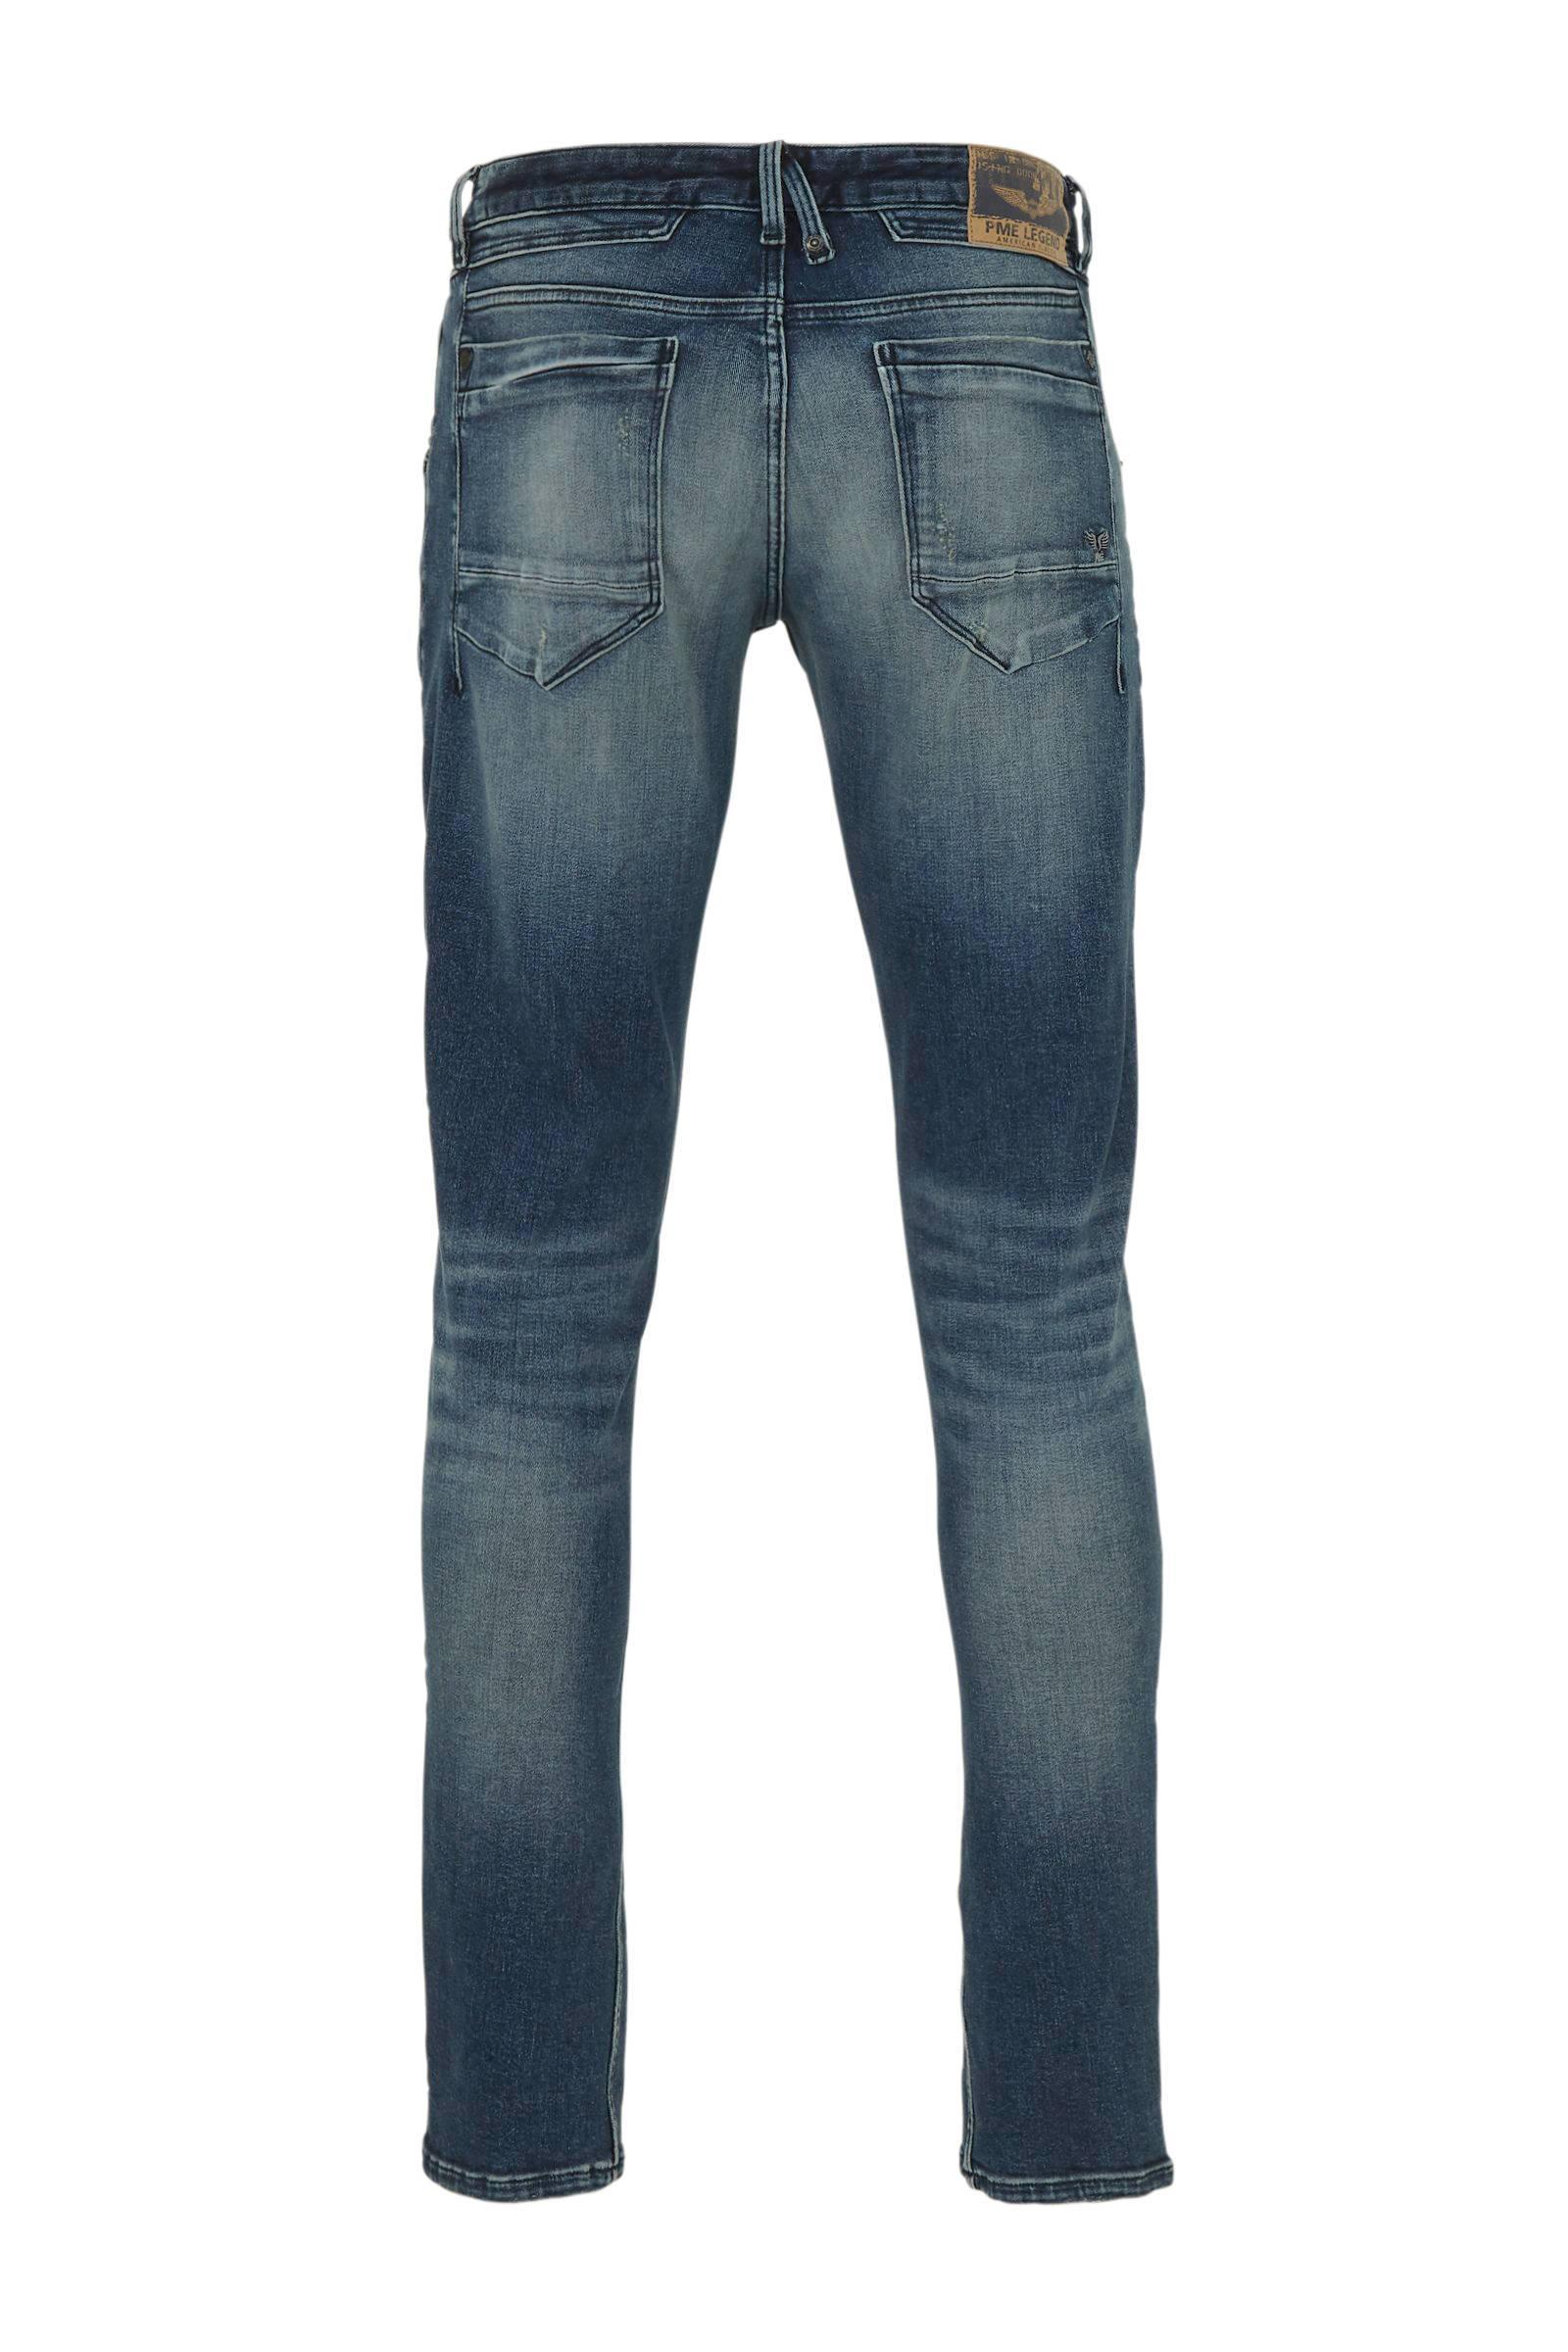 PME LEGEND Denim Straight Fit Jeans Curtis Left Hand Vintage in het Blauw voor heren